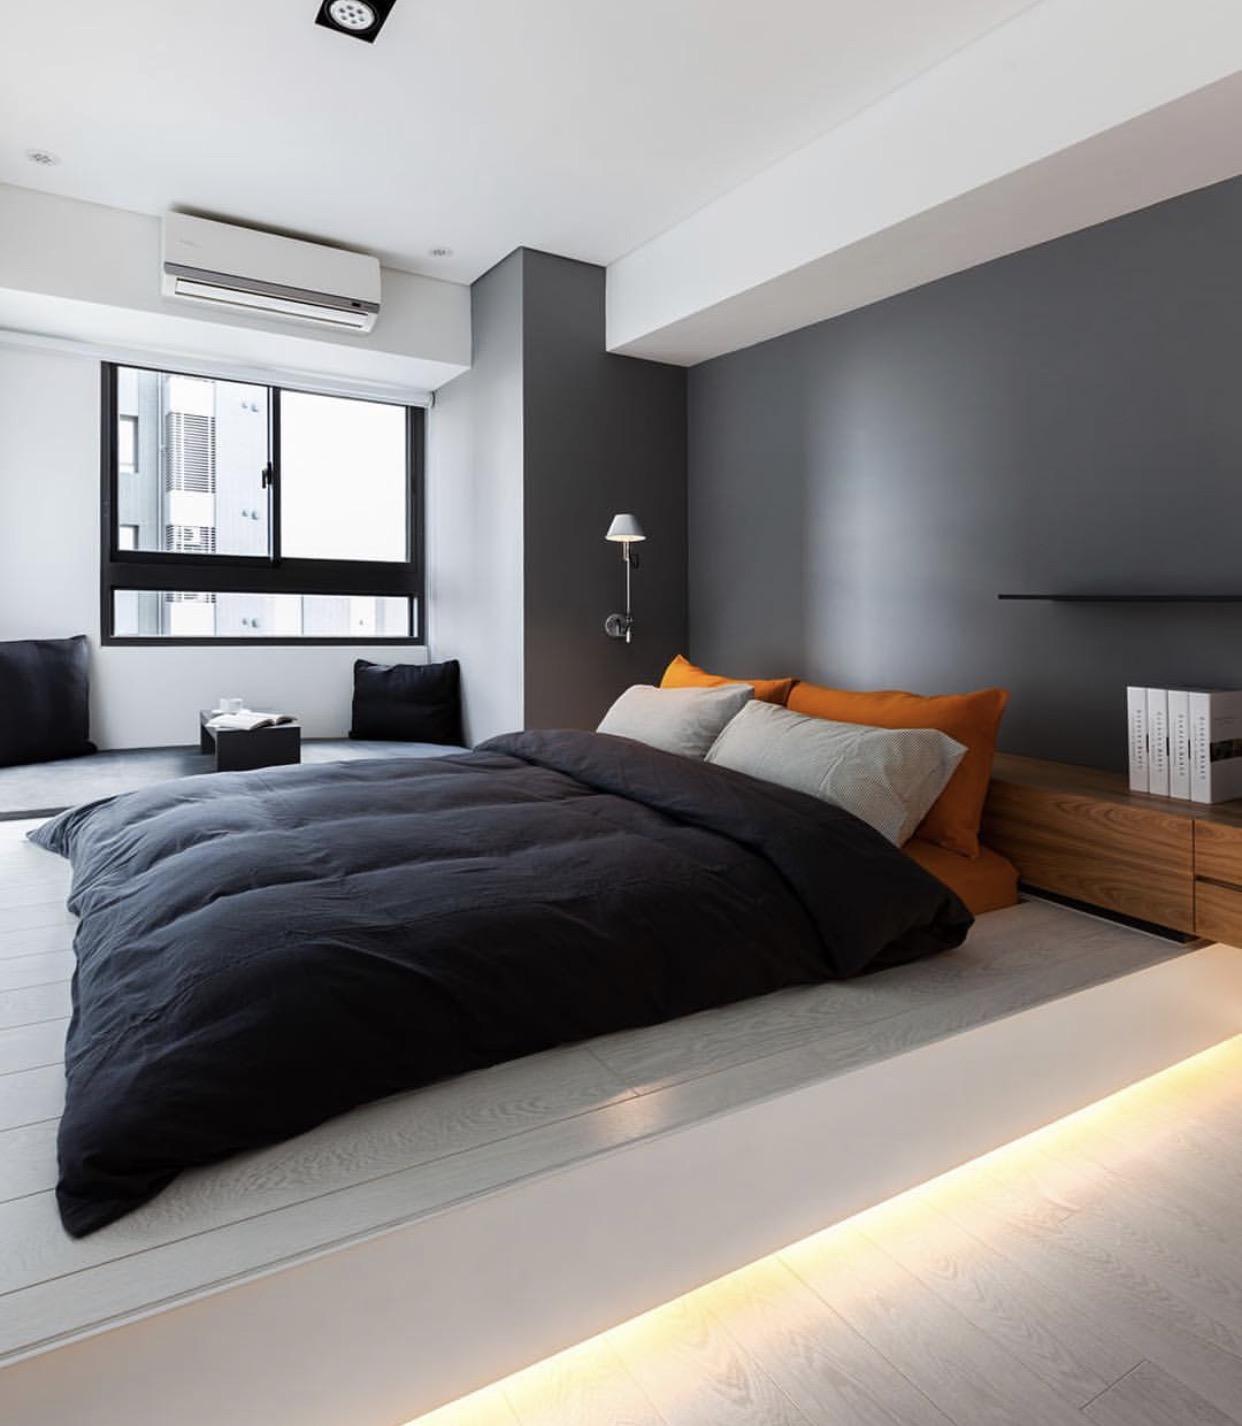 Однокомнатная квартира в стиле минимализм с подсветкой